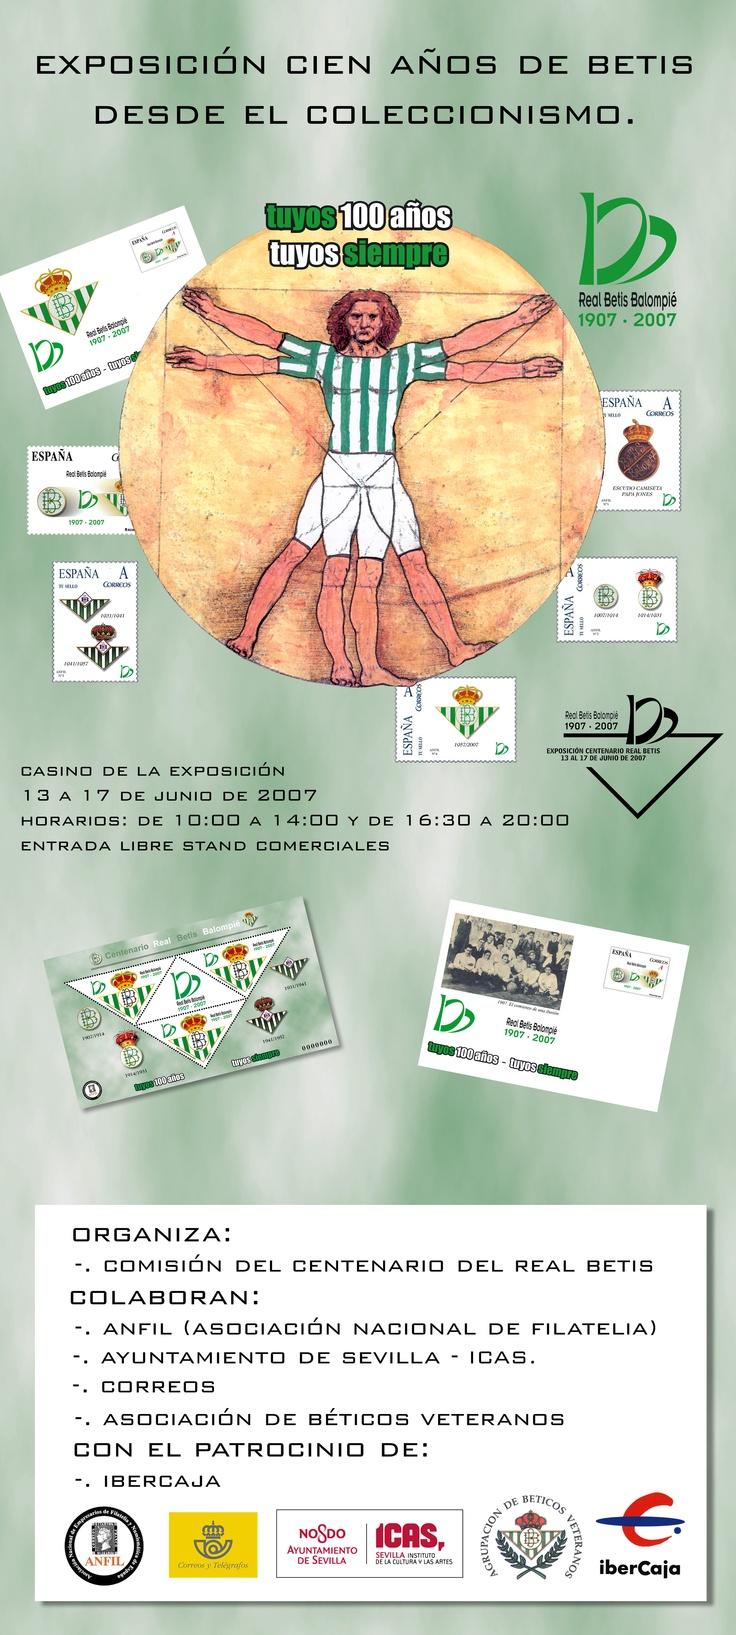 Cartel de presentación de la exposición de cien años del beticismo. Más en http://www.lacaseta.com/100-aniversario-real-betis-balompie/ #Betis #ideas #fútbol #creatividad #design #diseno